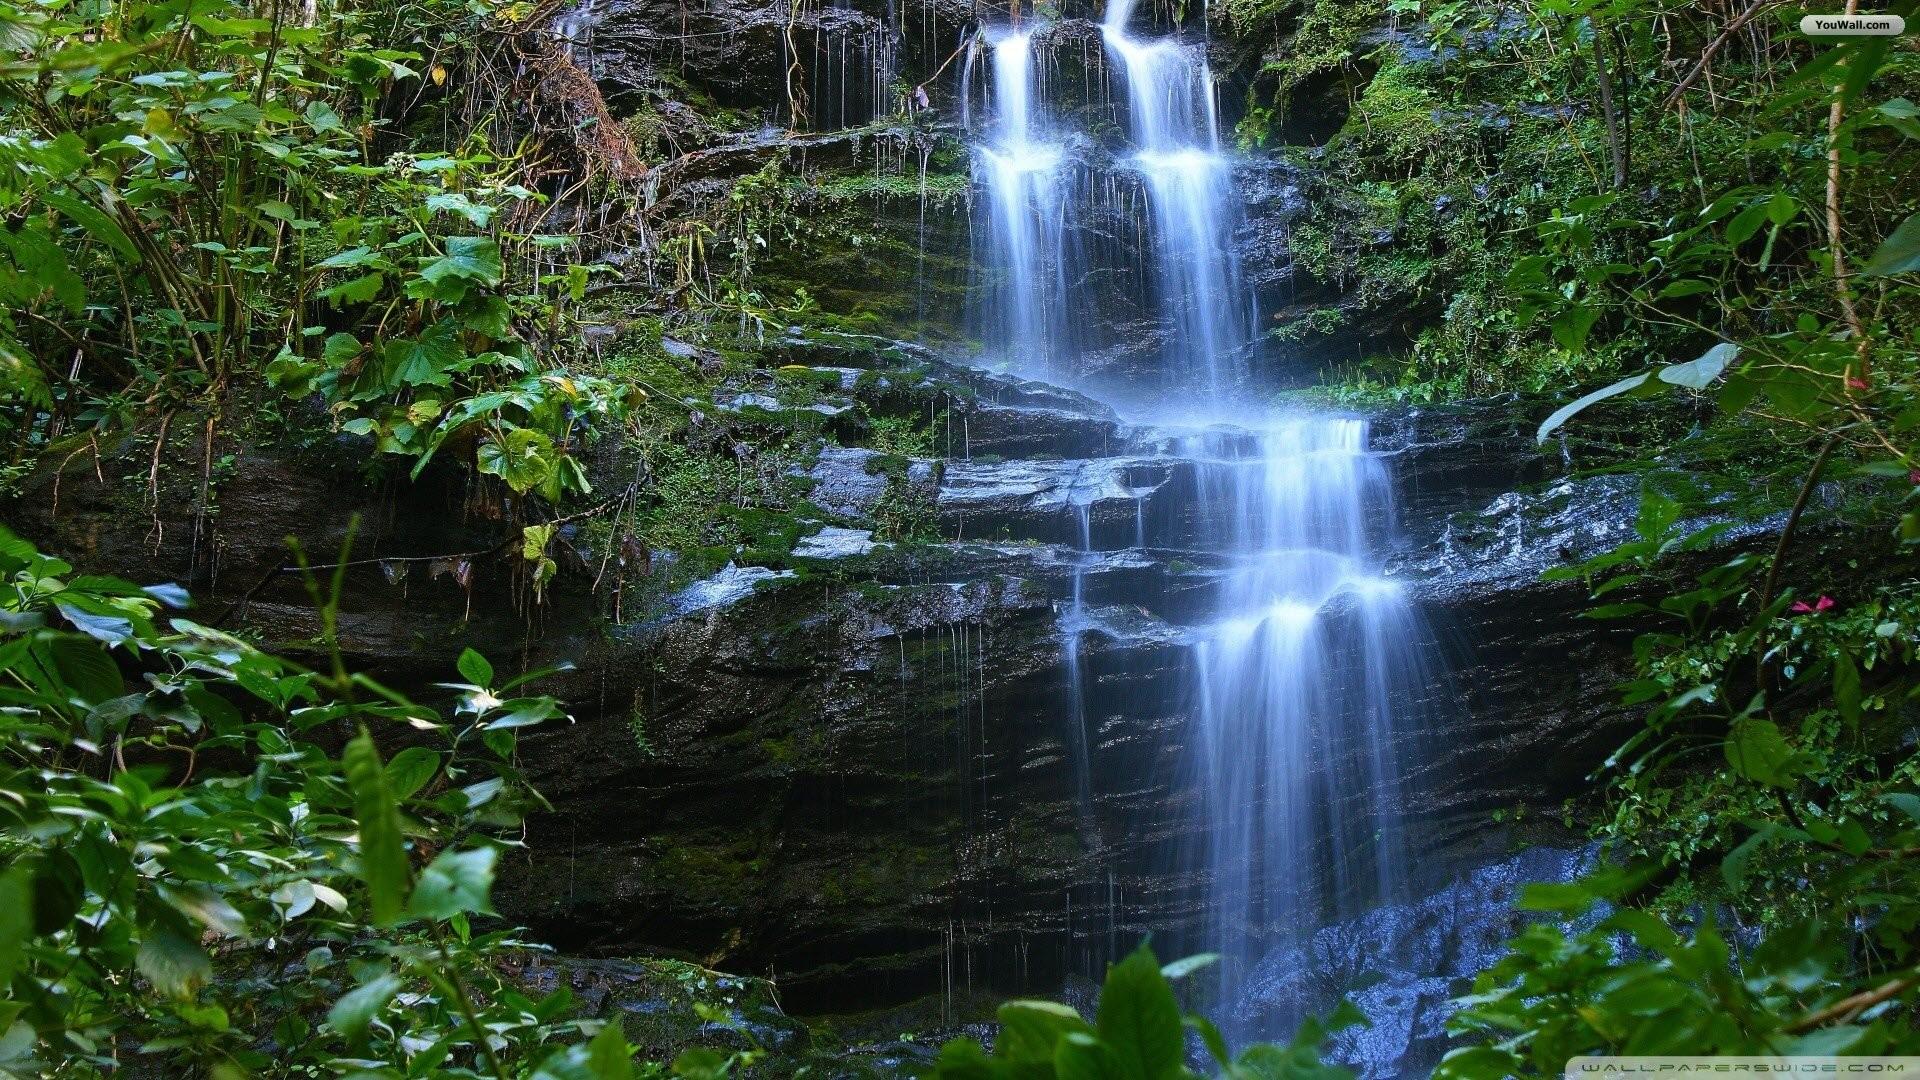 Beauty Forest Waterfall Wallpaper